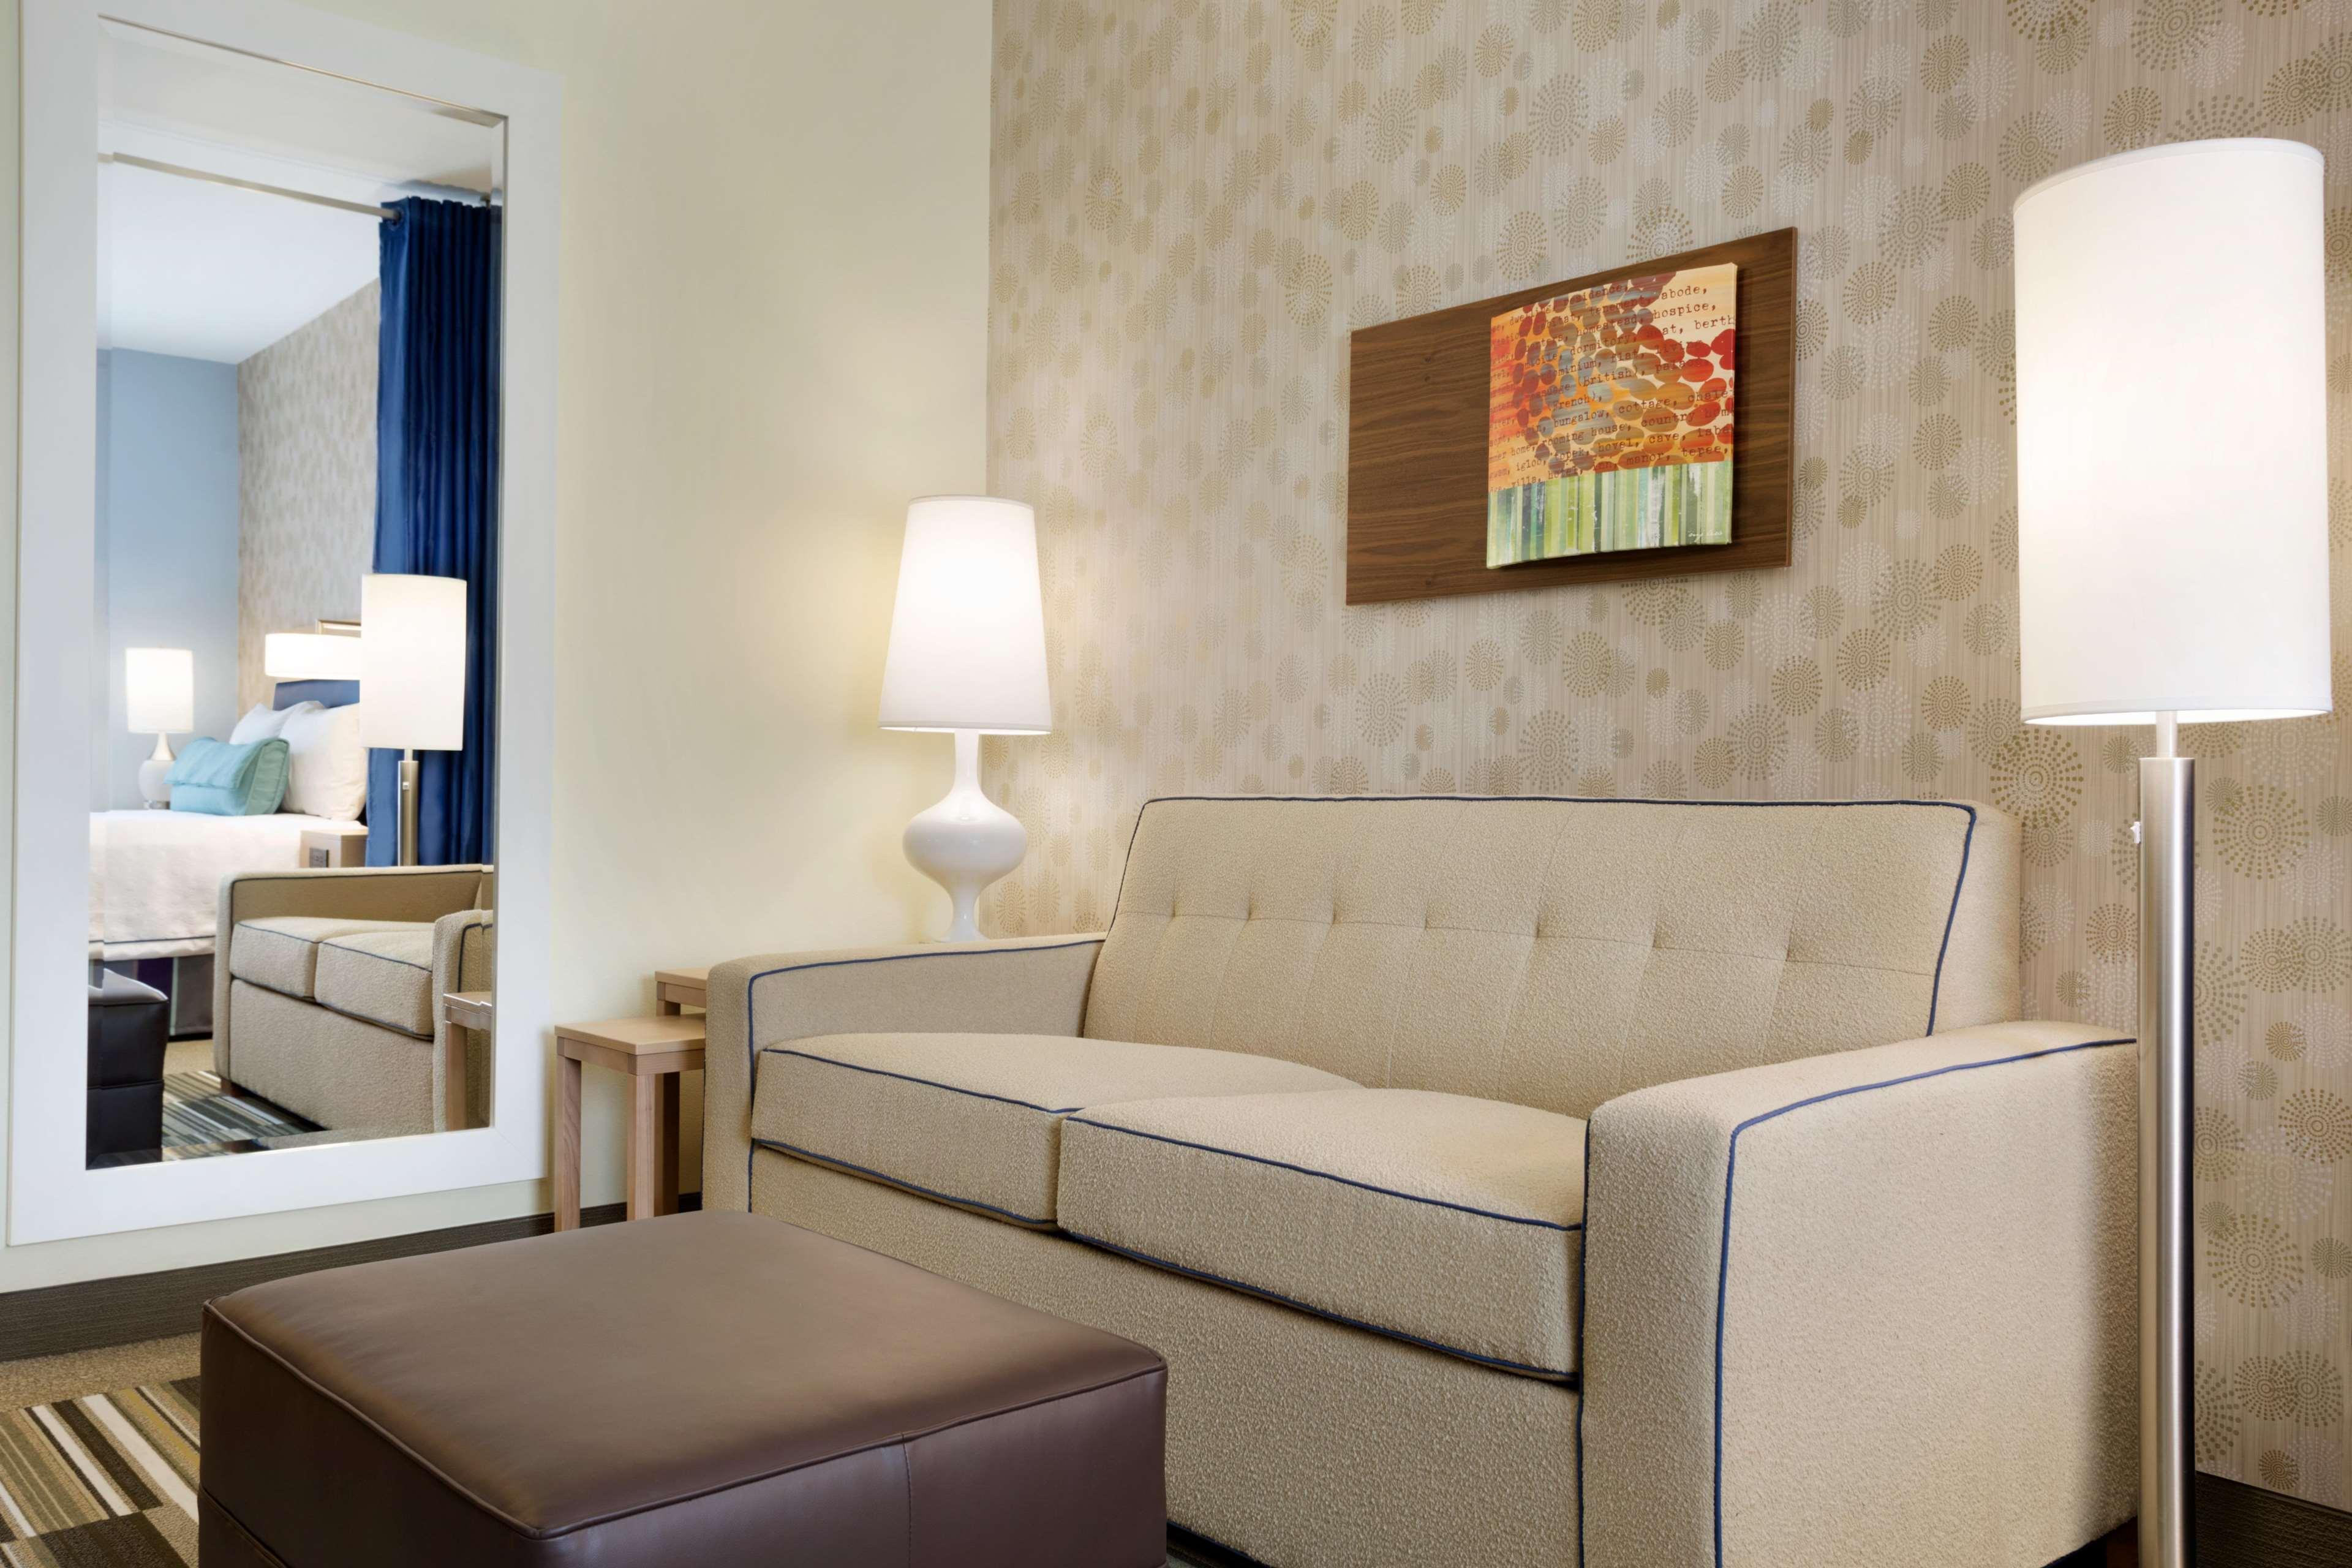 Home2 Suites by Hilton McAllen image 33